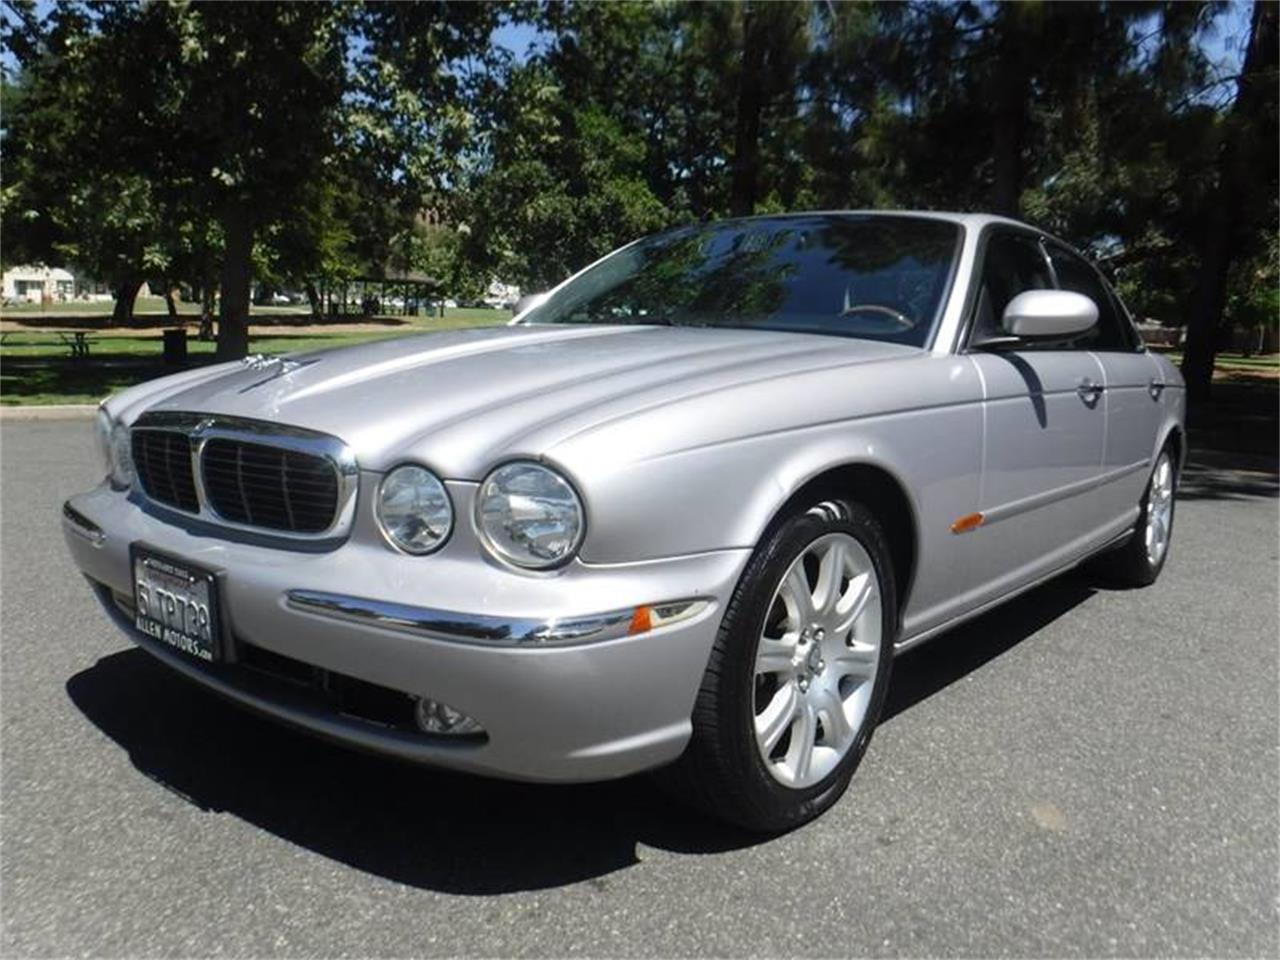 Large Picture of '04 Jaguar XJ - $9,995.00 - QQ0T